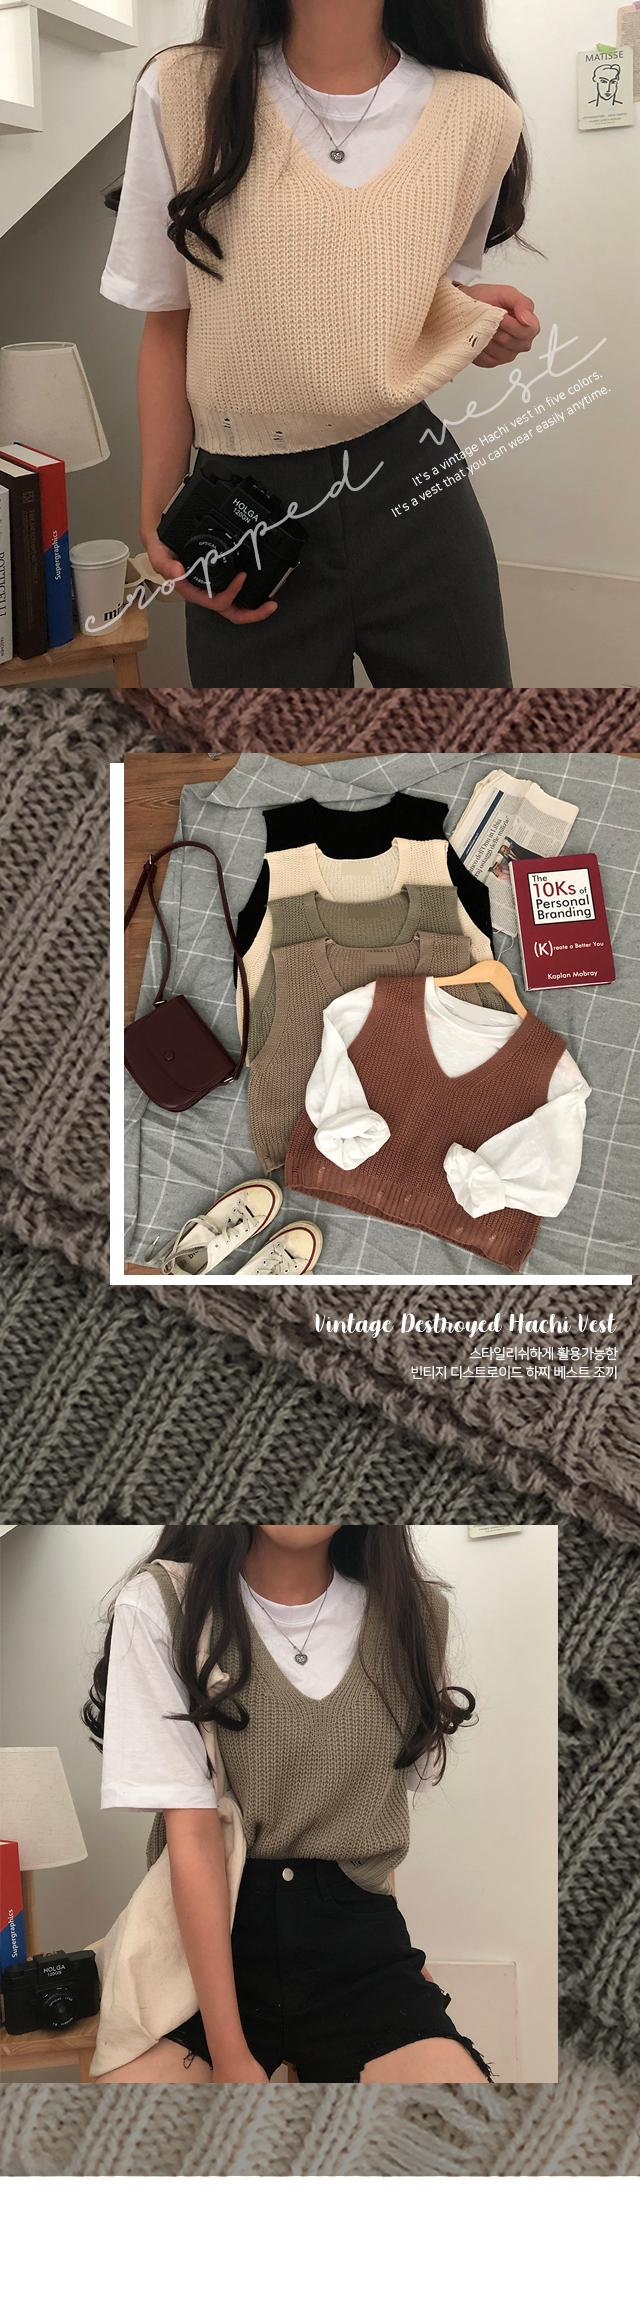 Vintage Destroyed Hachi Vest